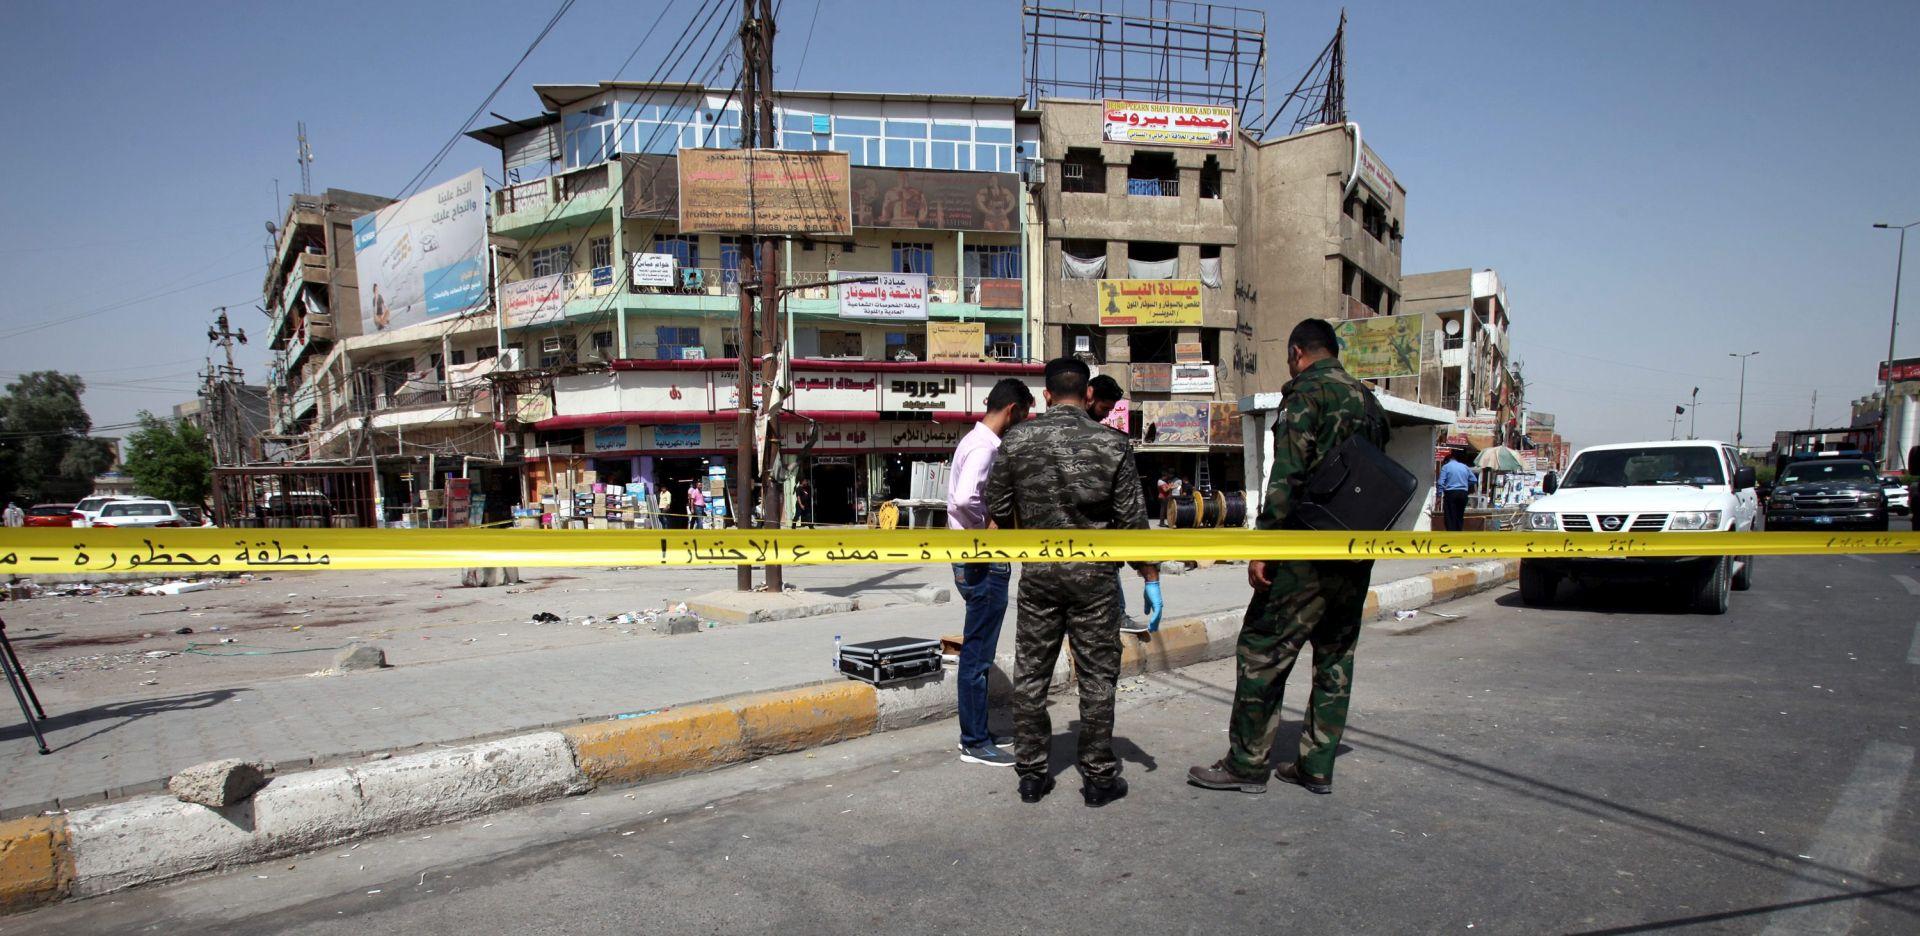 SAMOUBILAČKI NAPADI IS-a: U Bagdadu deset mrtvih, više od 20 ozlijeđeno